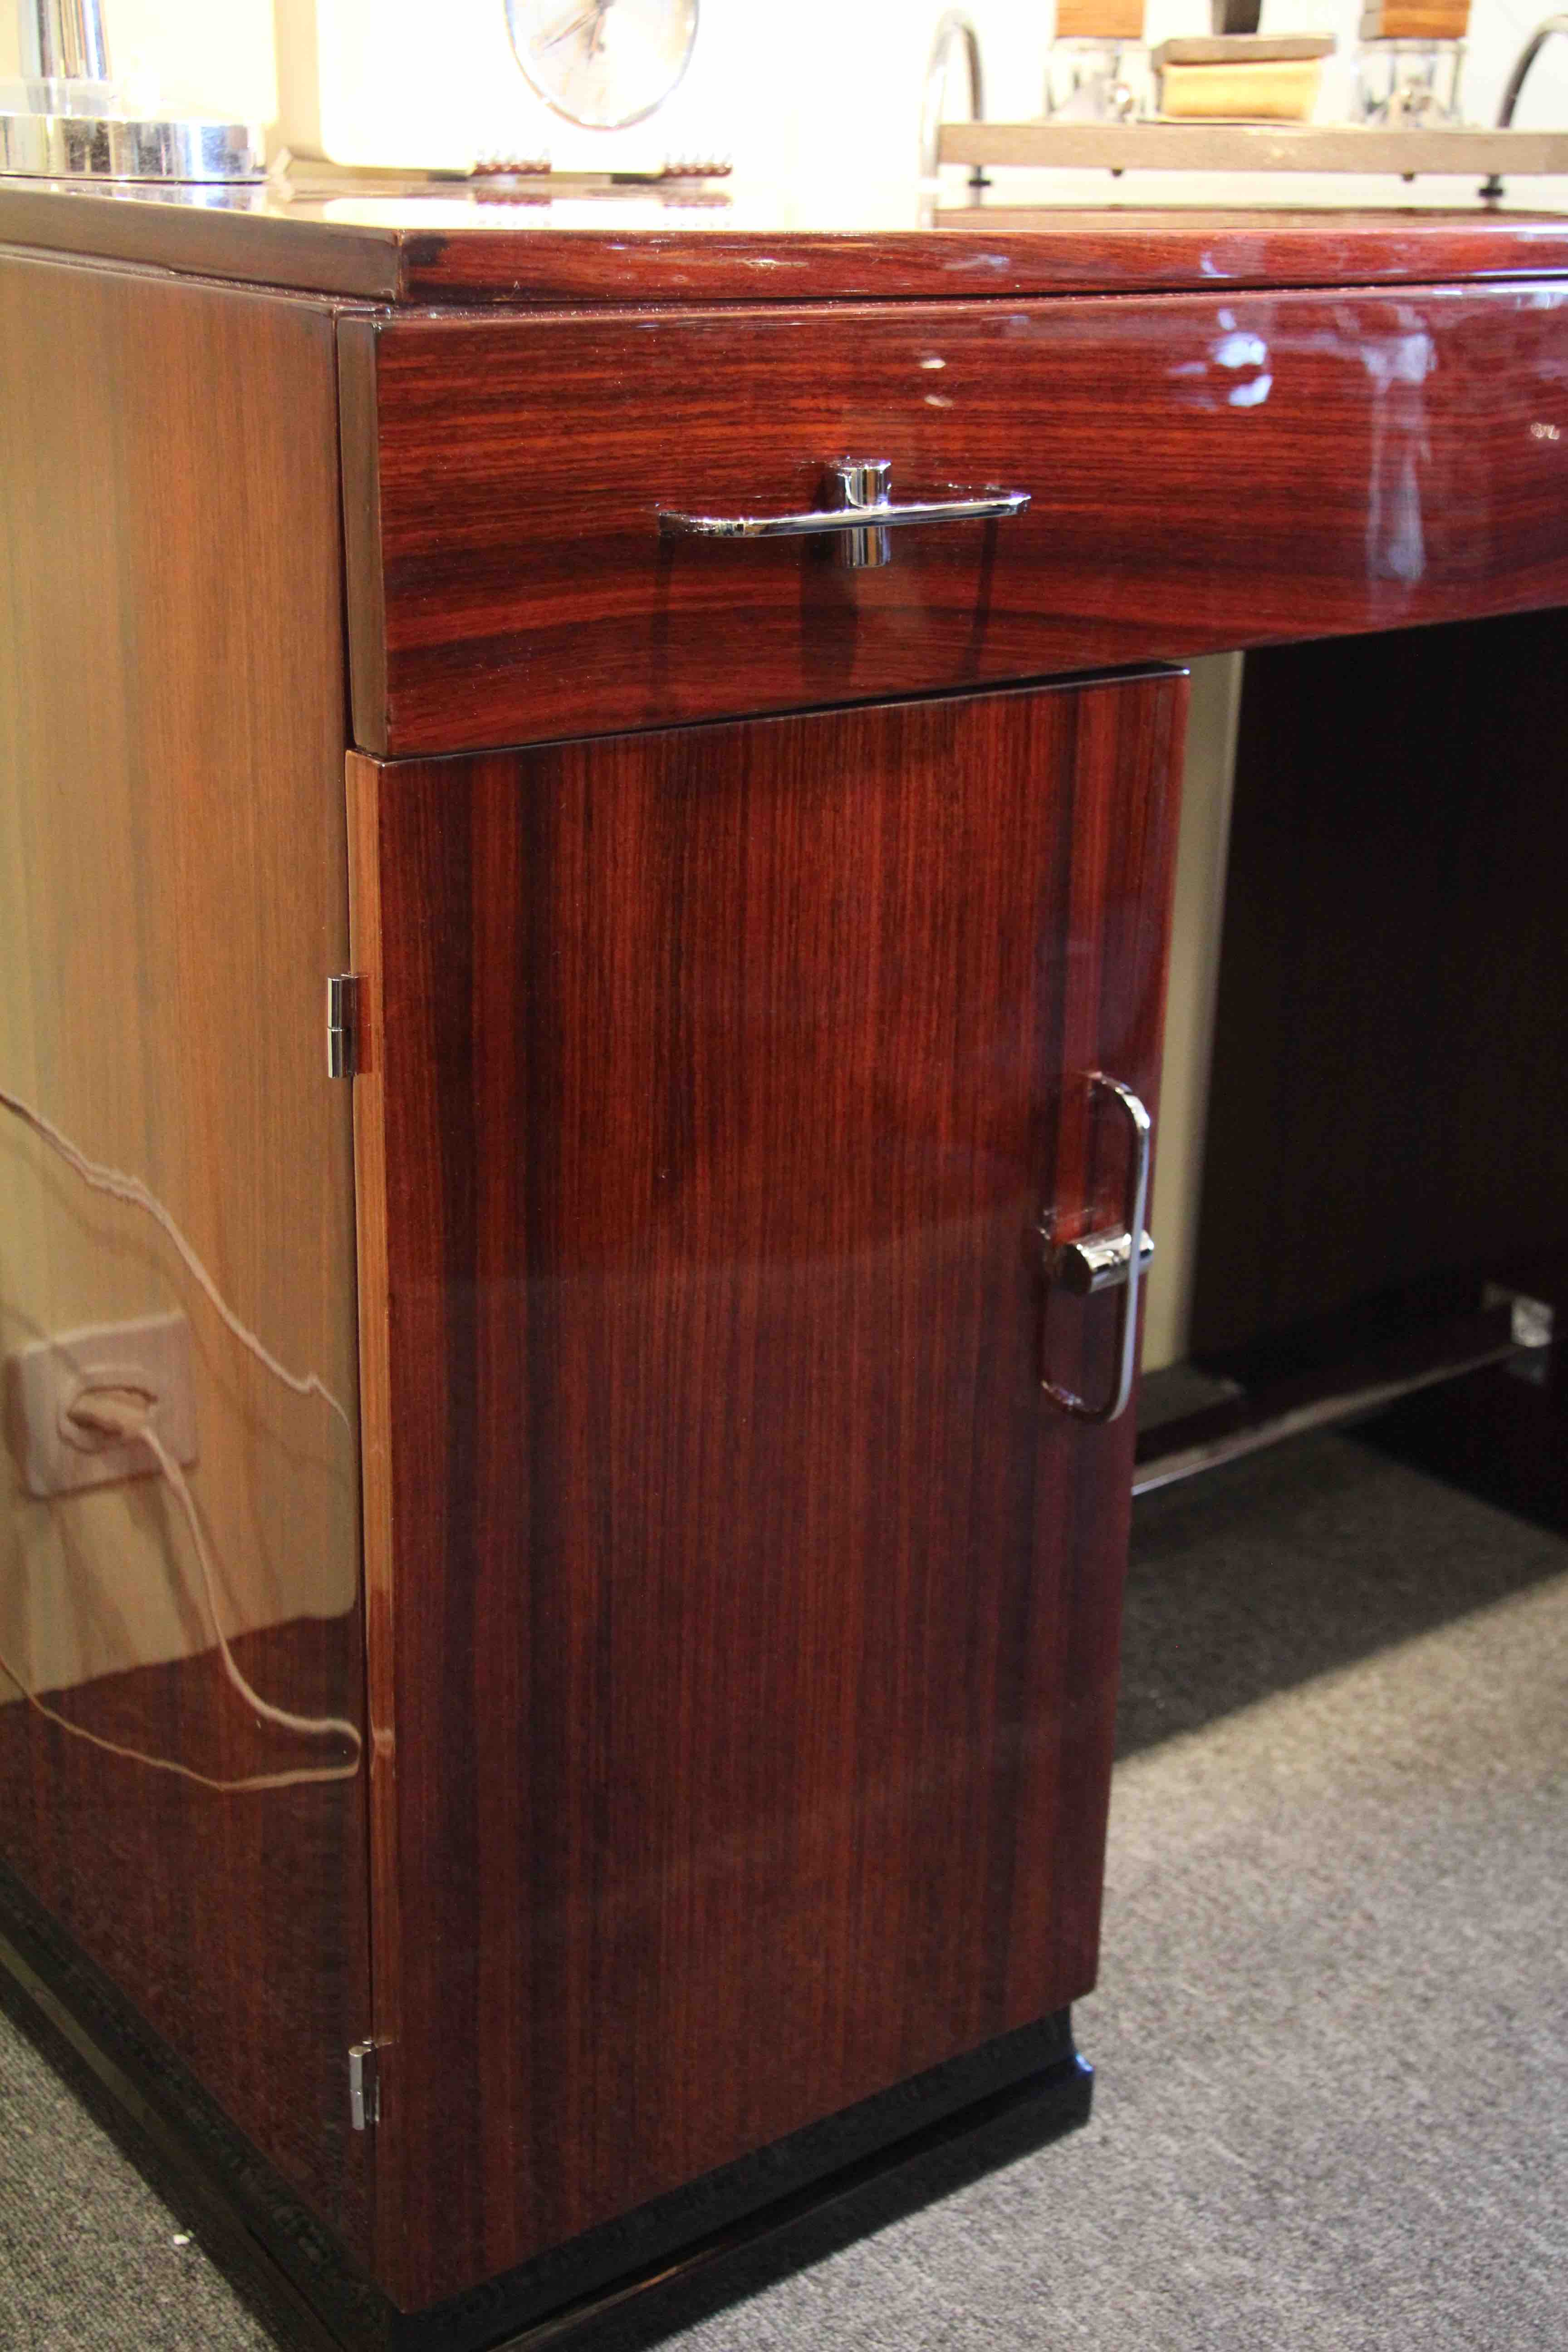 bureau art deco en palissandre des indes ref bur 10. Black Bedroom Furniture Sets. Home Design Ideas